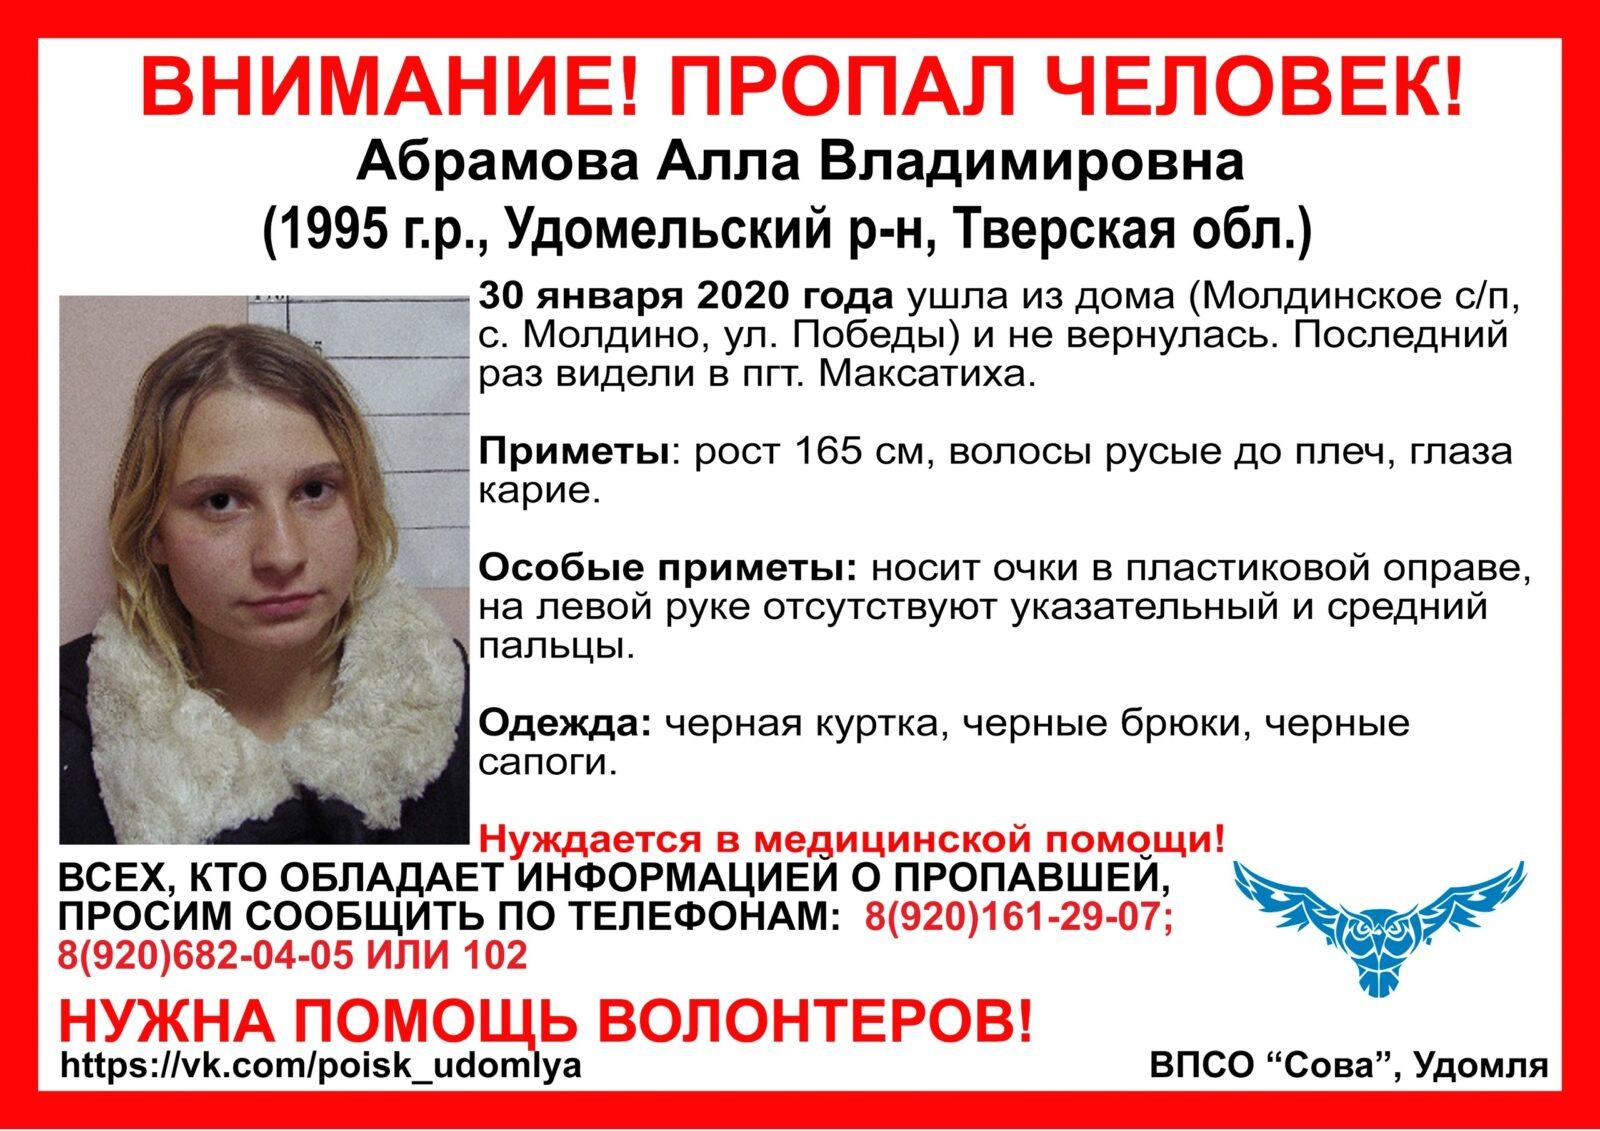 В Тверской области ищут пропавшую девушку